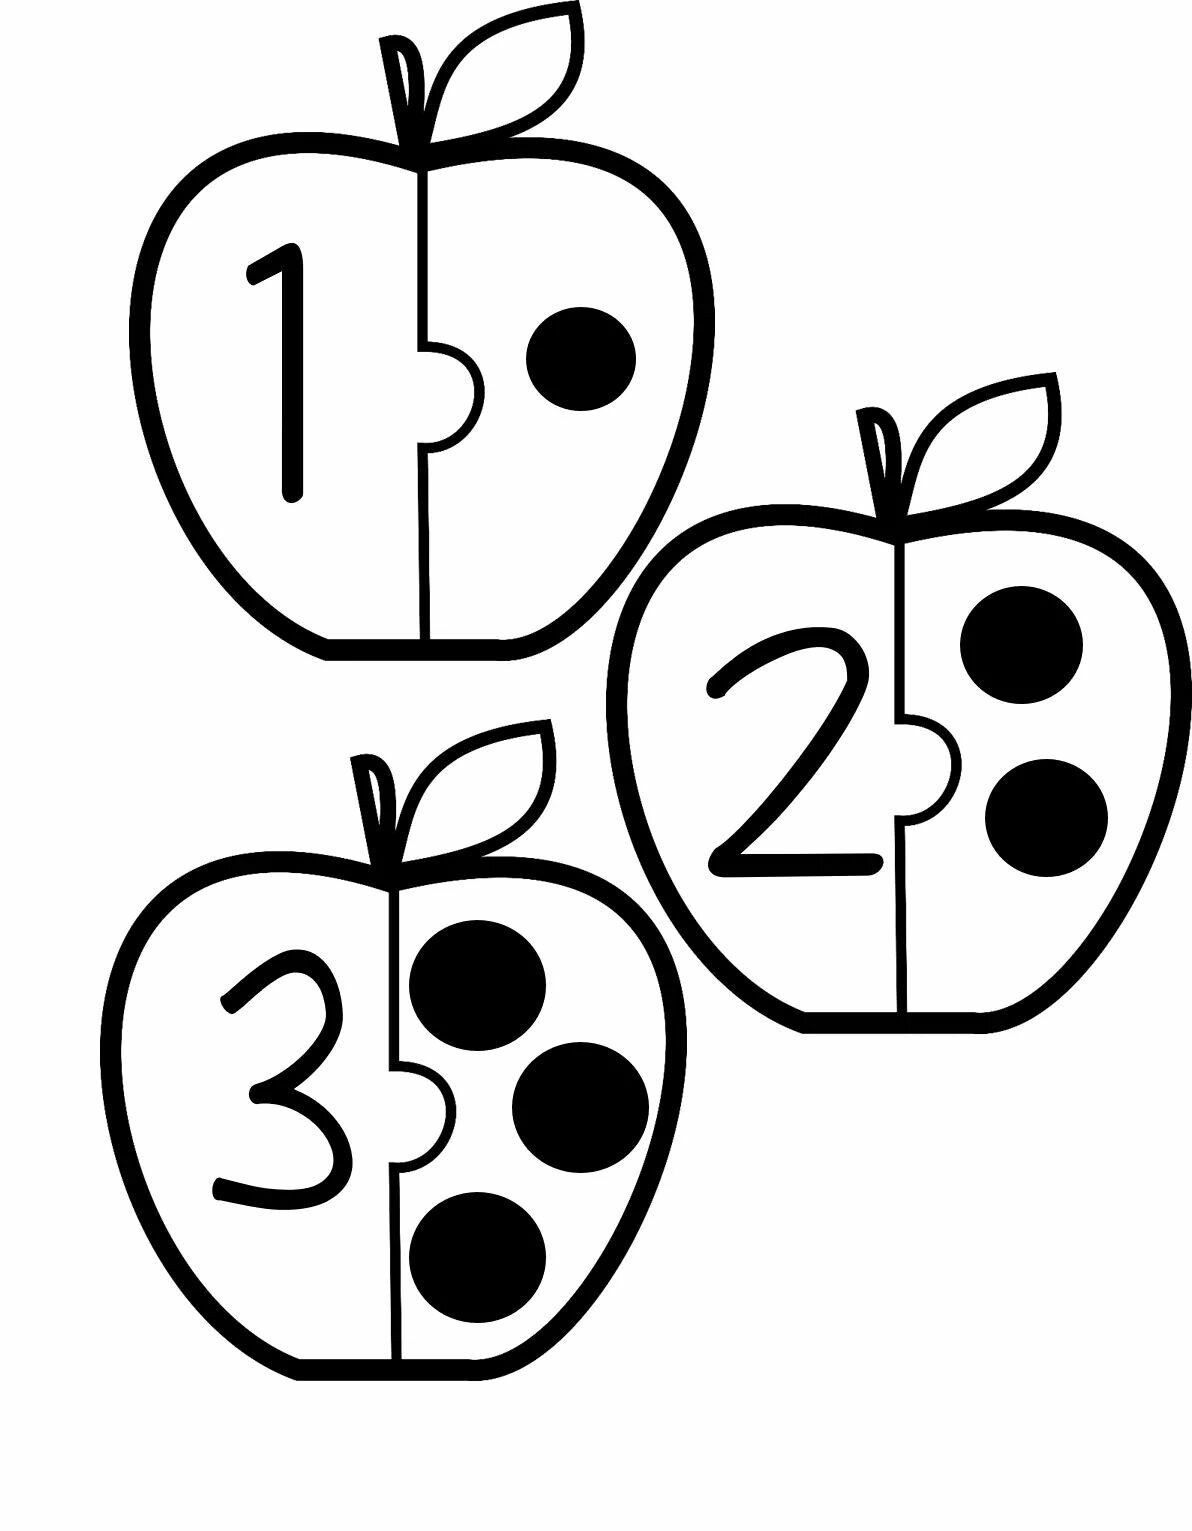 Pin von Cláudia Soares auf Oficina de Matemática   Pinterest   Klasse